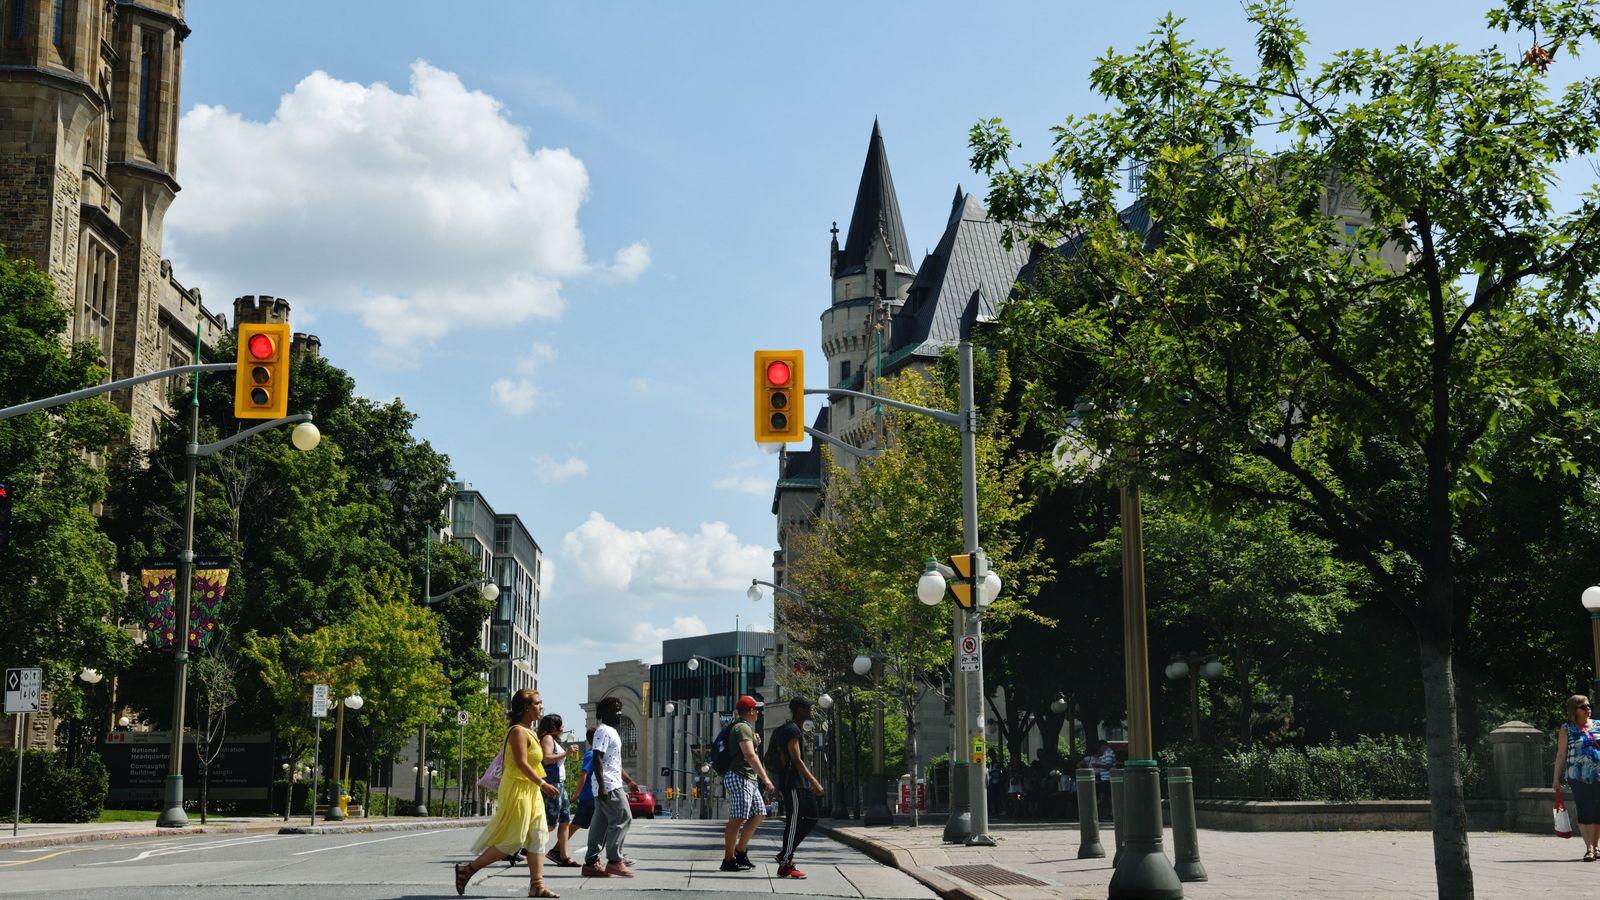 À l'approche de la rue Rideau, la ville dévoile ses deux facettes, d'un côté le patrimoine, ...